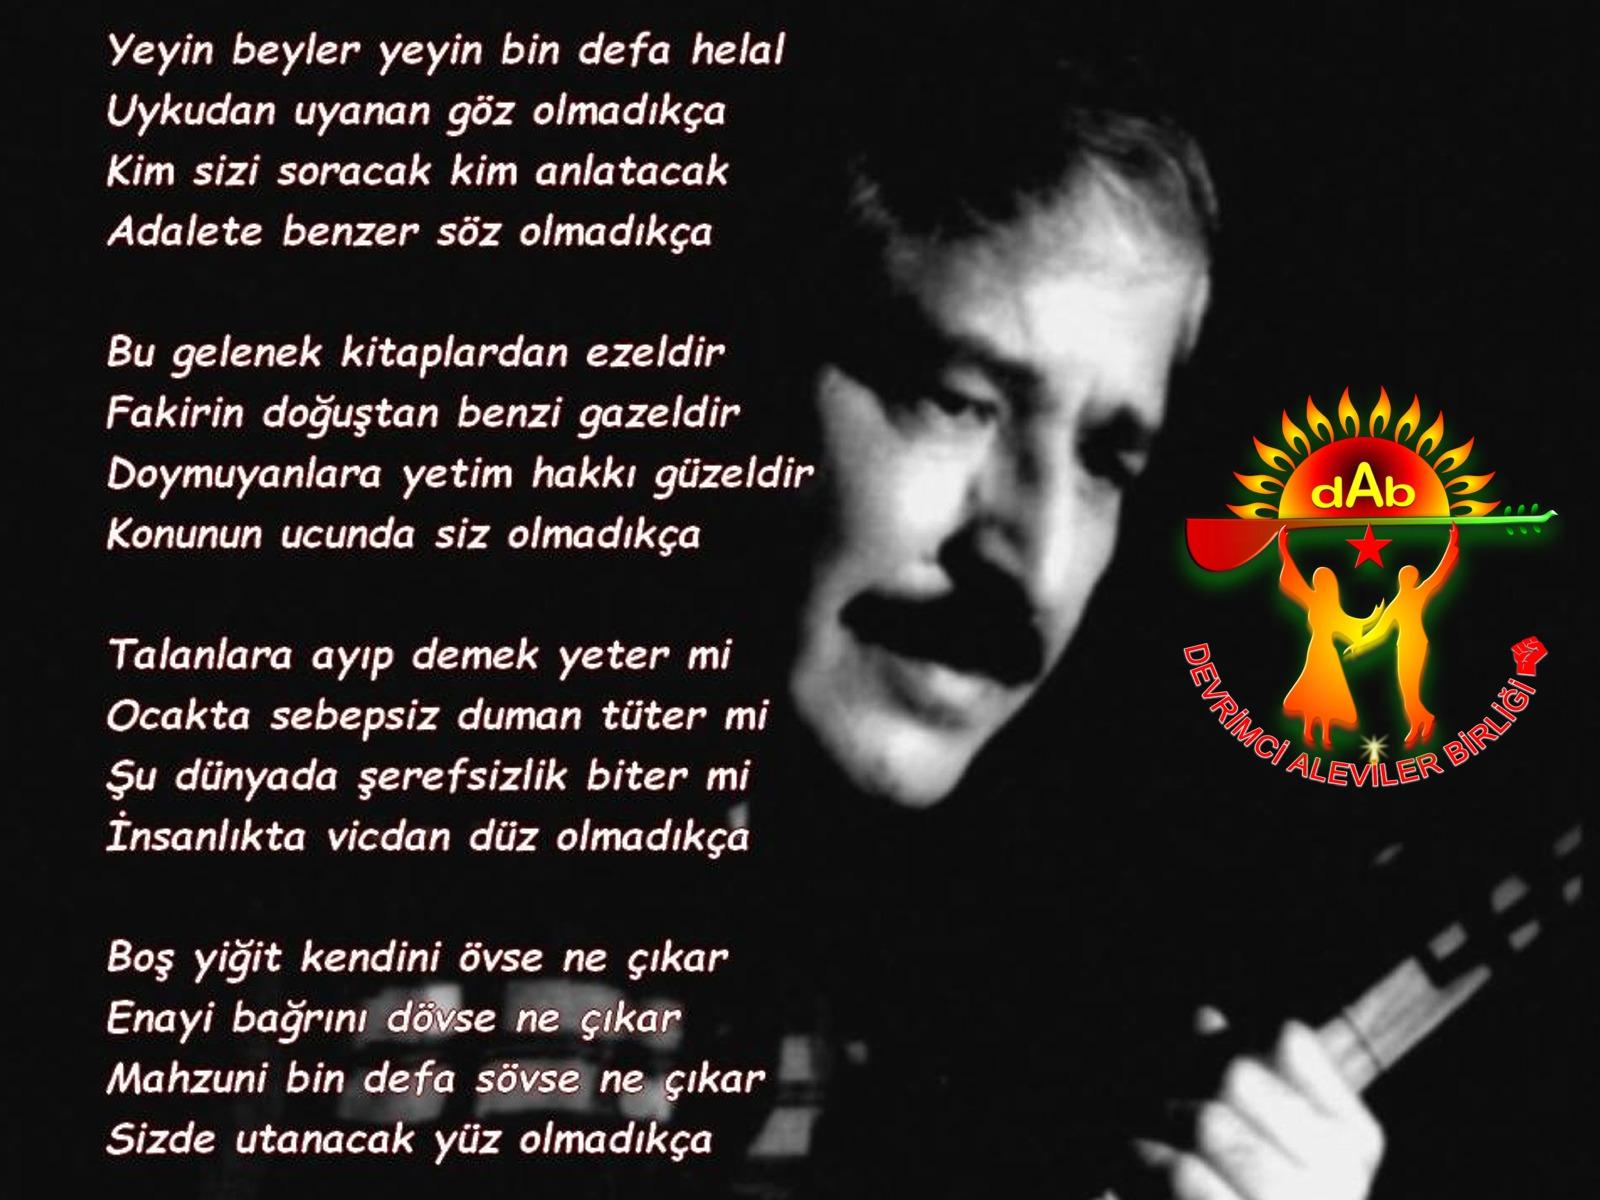 Alevi Bektaşi Kızılbaş Pir Sultan İslam dışı Atatürk faşist Devrimci Aleviler Birliği DAB mahzuni4